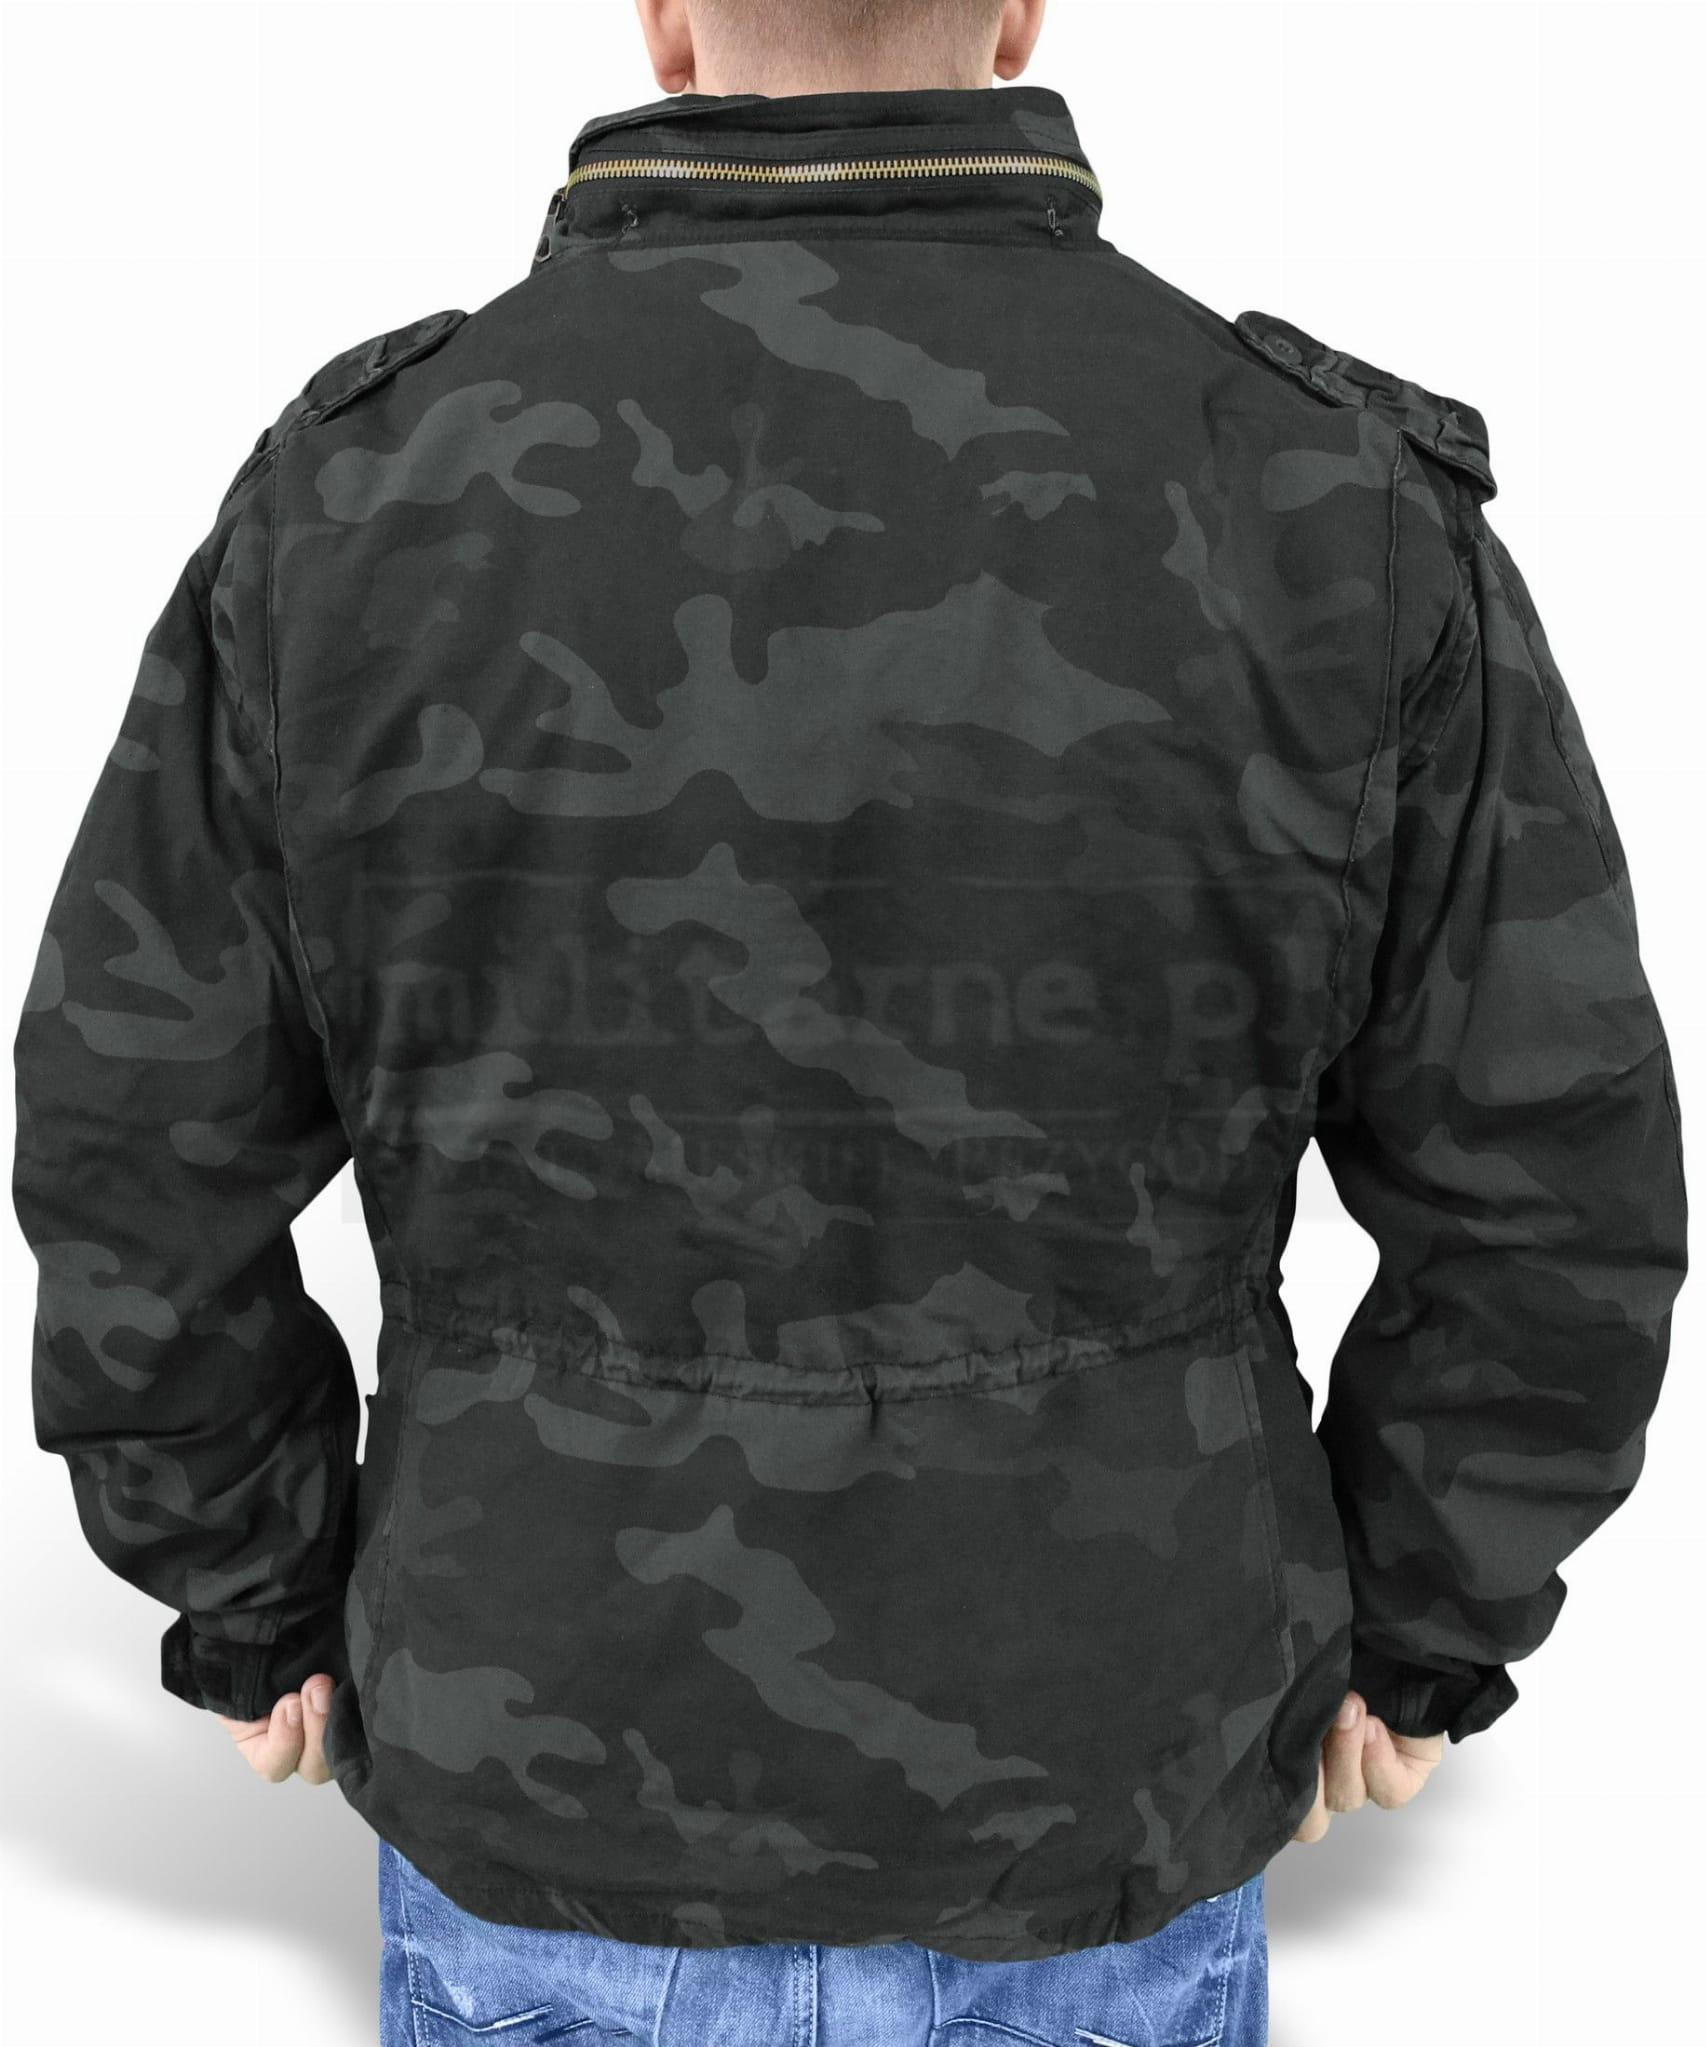 093b051725c8 Surplus Regiment · Surplus M65 Regiment 3w1 - Black Camo ...